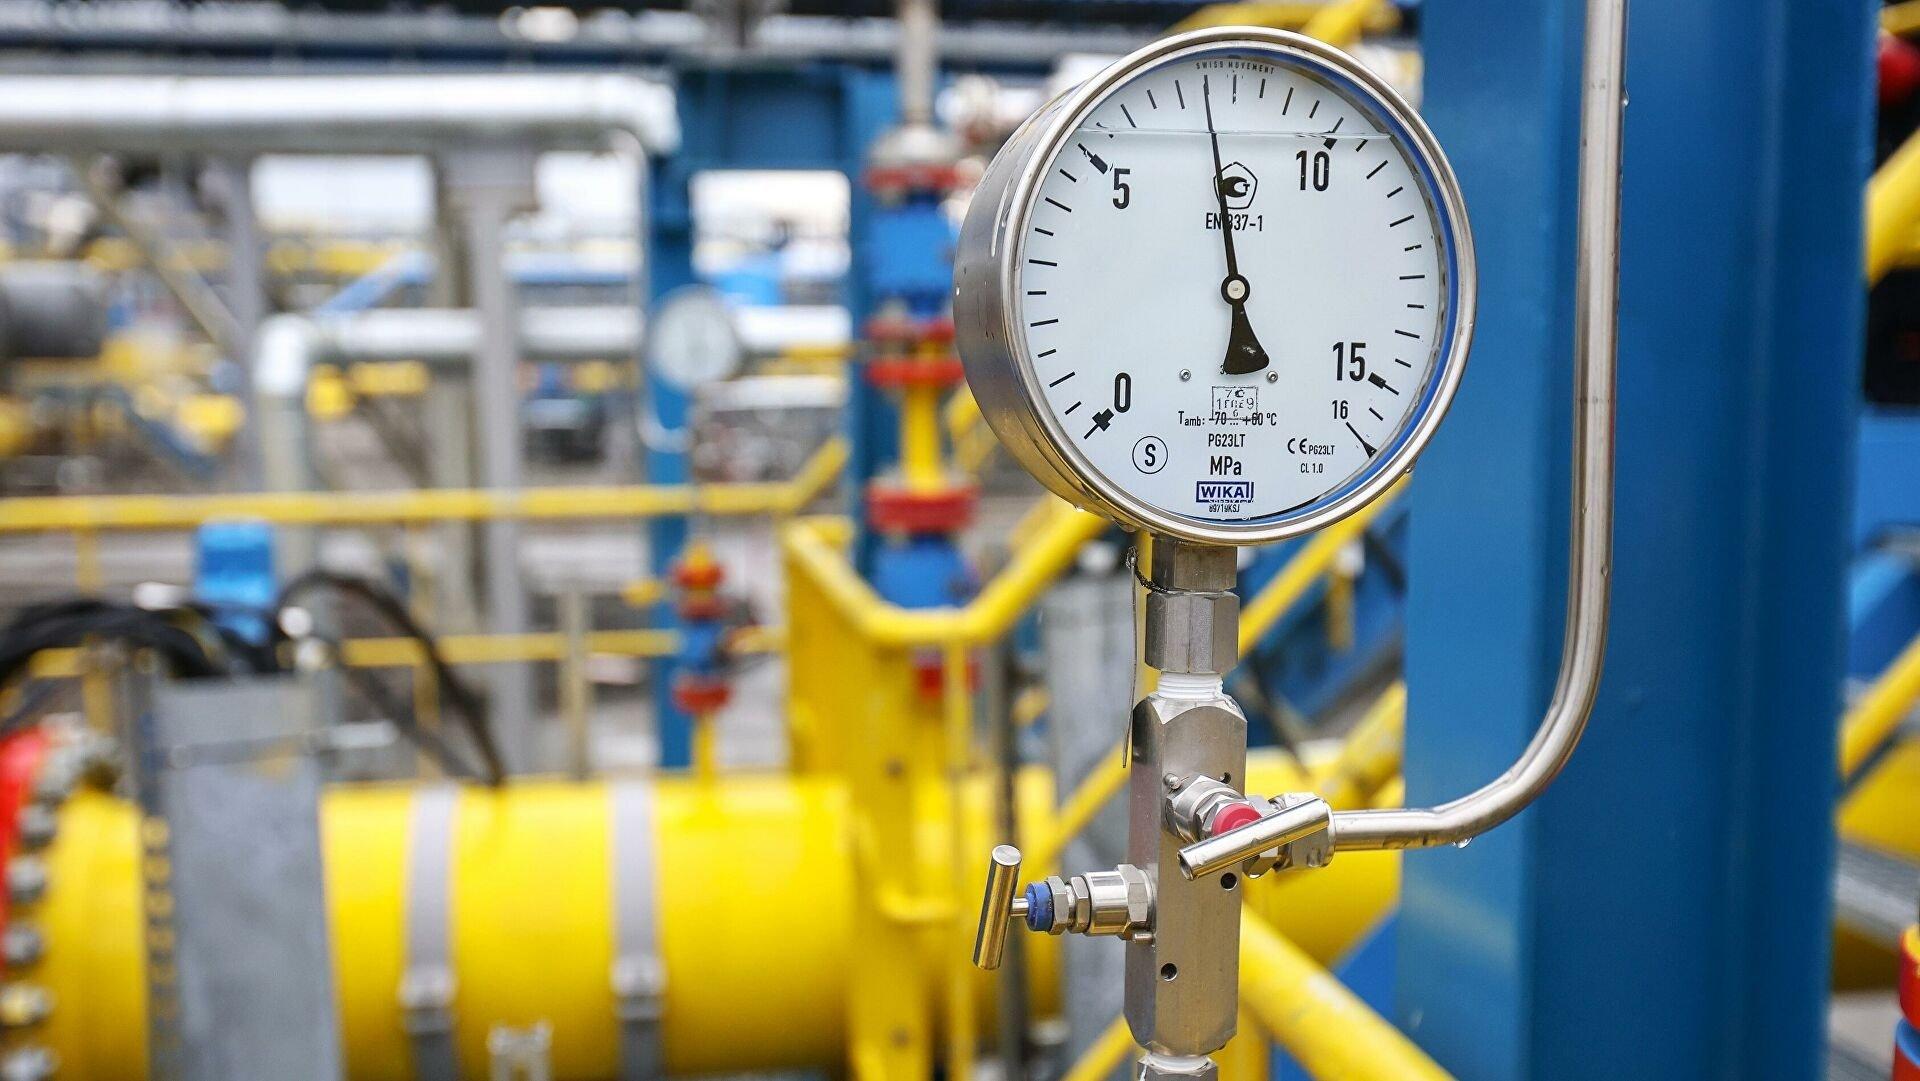 Ціна на газ в Європі перевищила історичний рекорд в 950 доларів за тисячу кубометрів